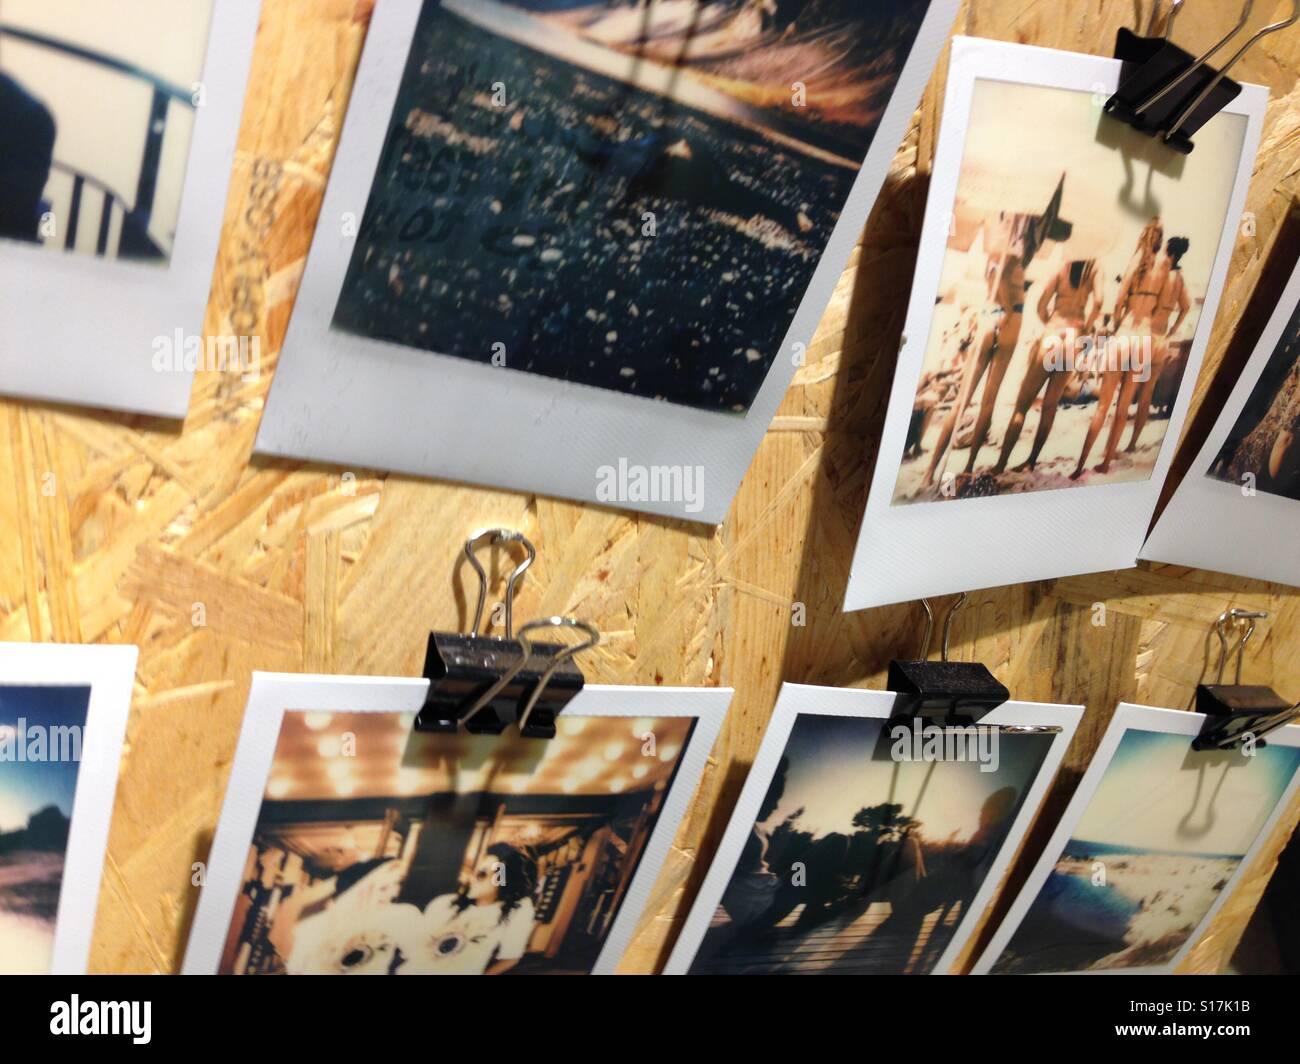 tumblr polaroid pictures stock